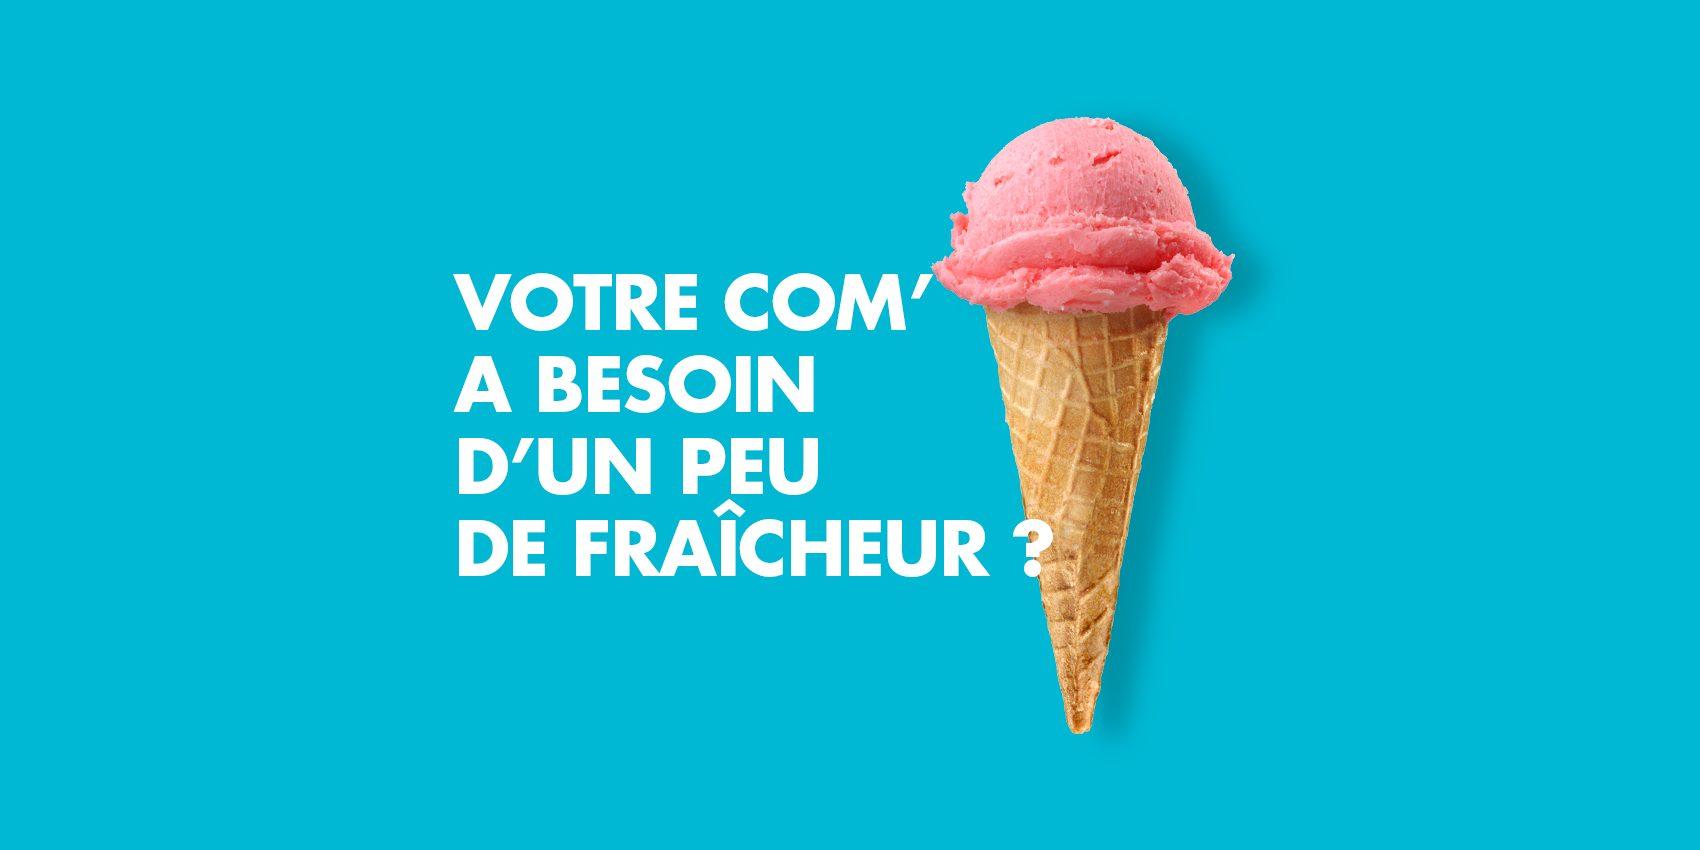 Agence LDP - Agence conseil en communication à Rennes un-coup-de-frais